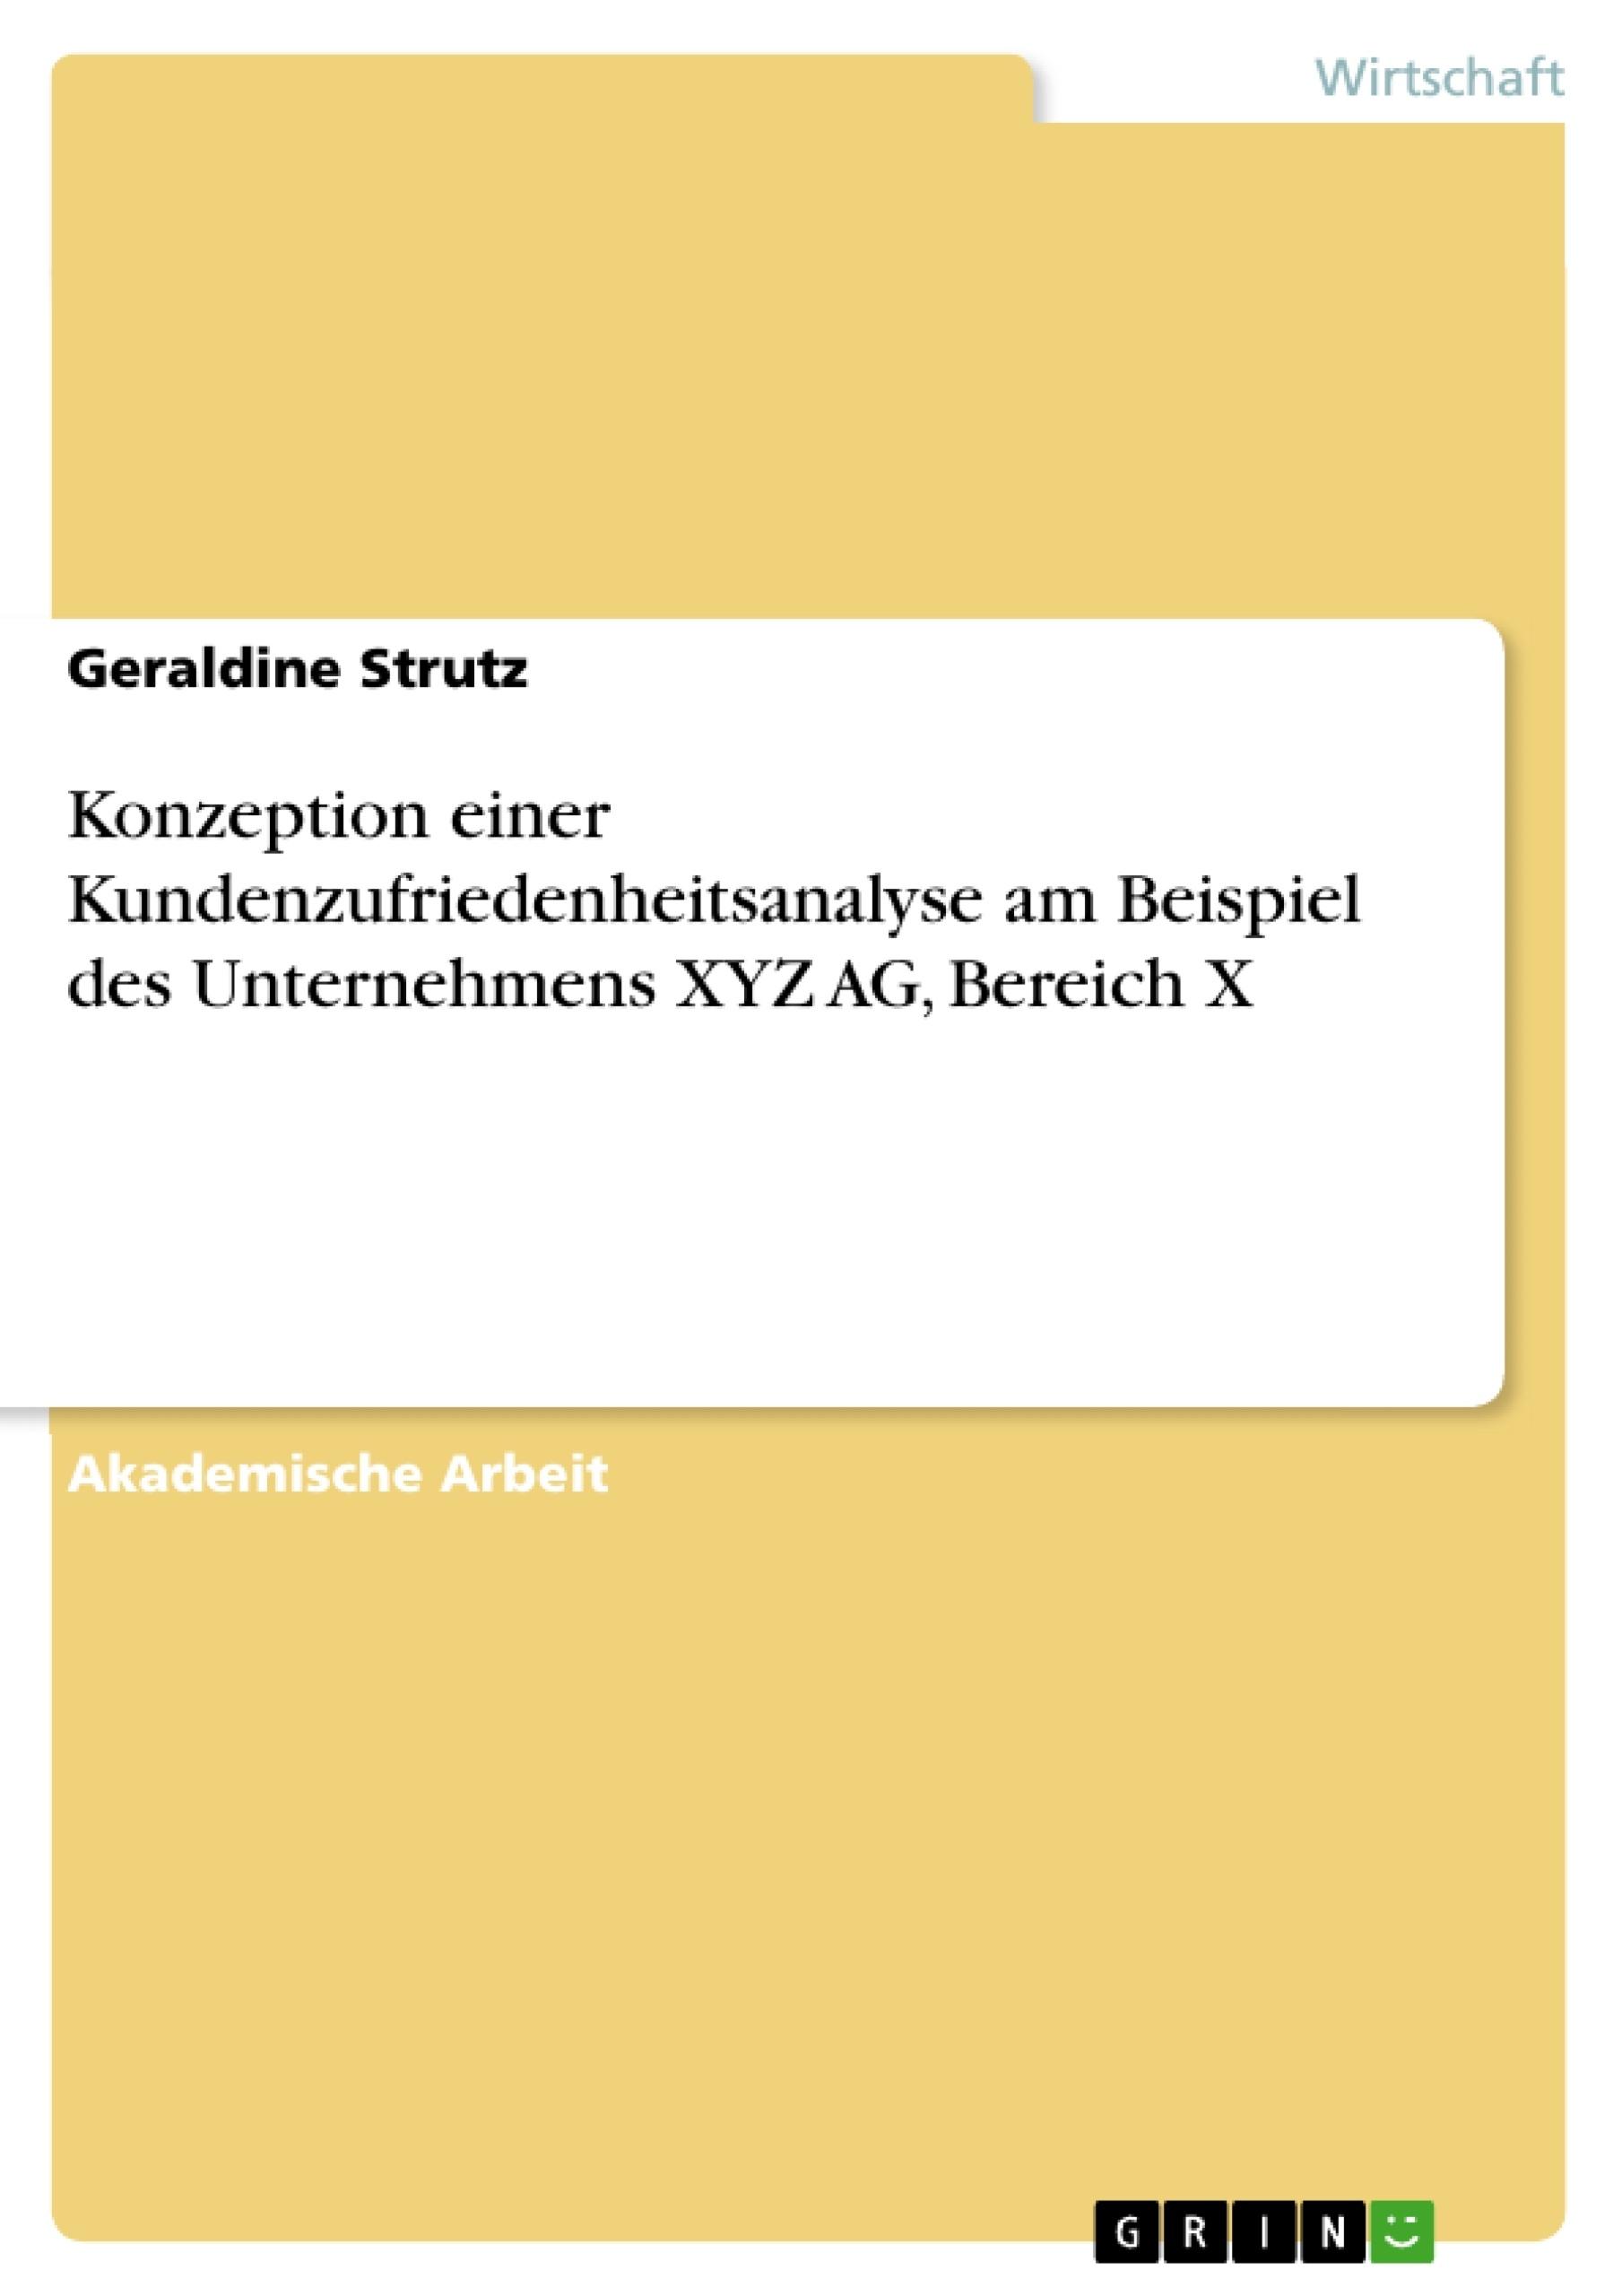 Titel: Konzeption einer Kundenzufriedenheitsanalyse am Beispiel des Unternehmens XYZ AG, Bereich X